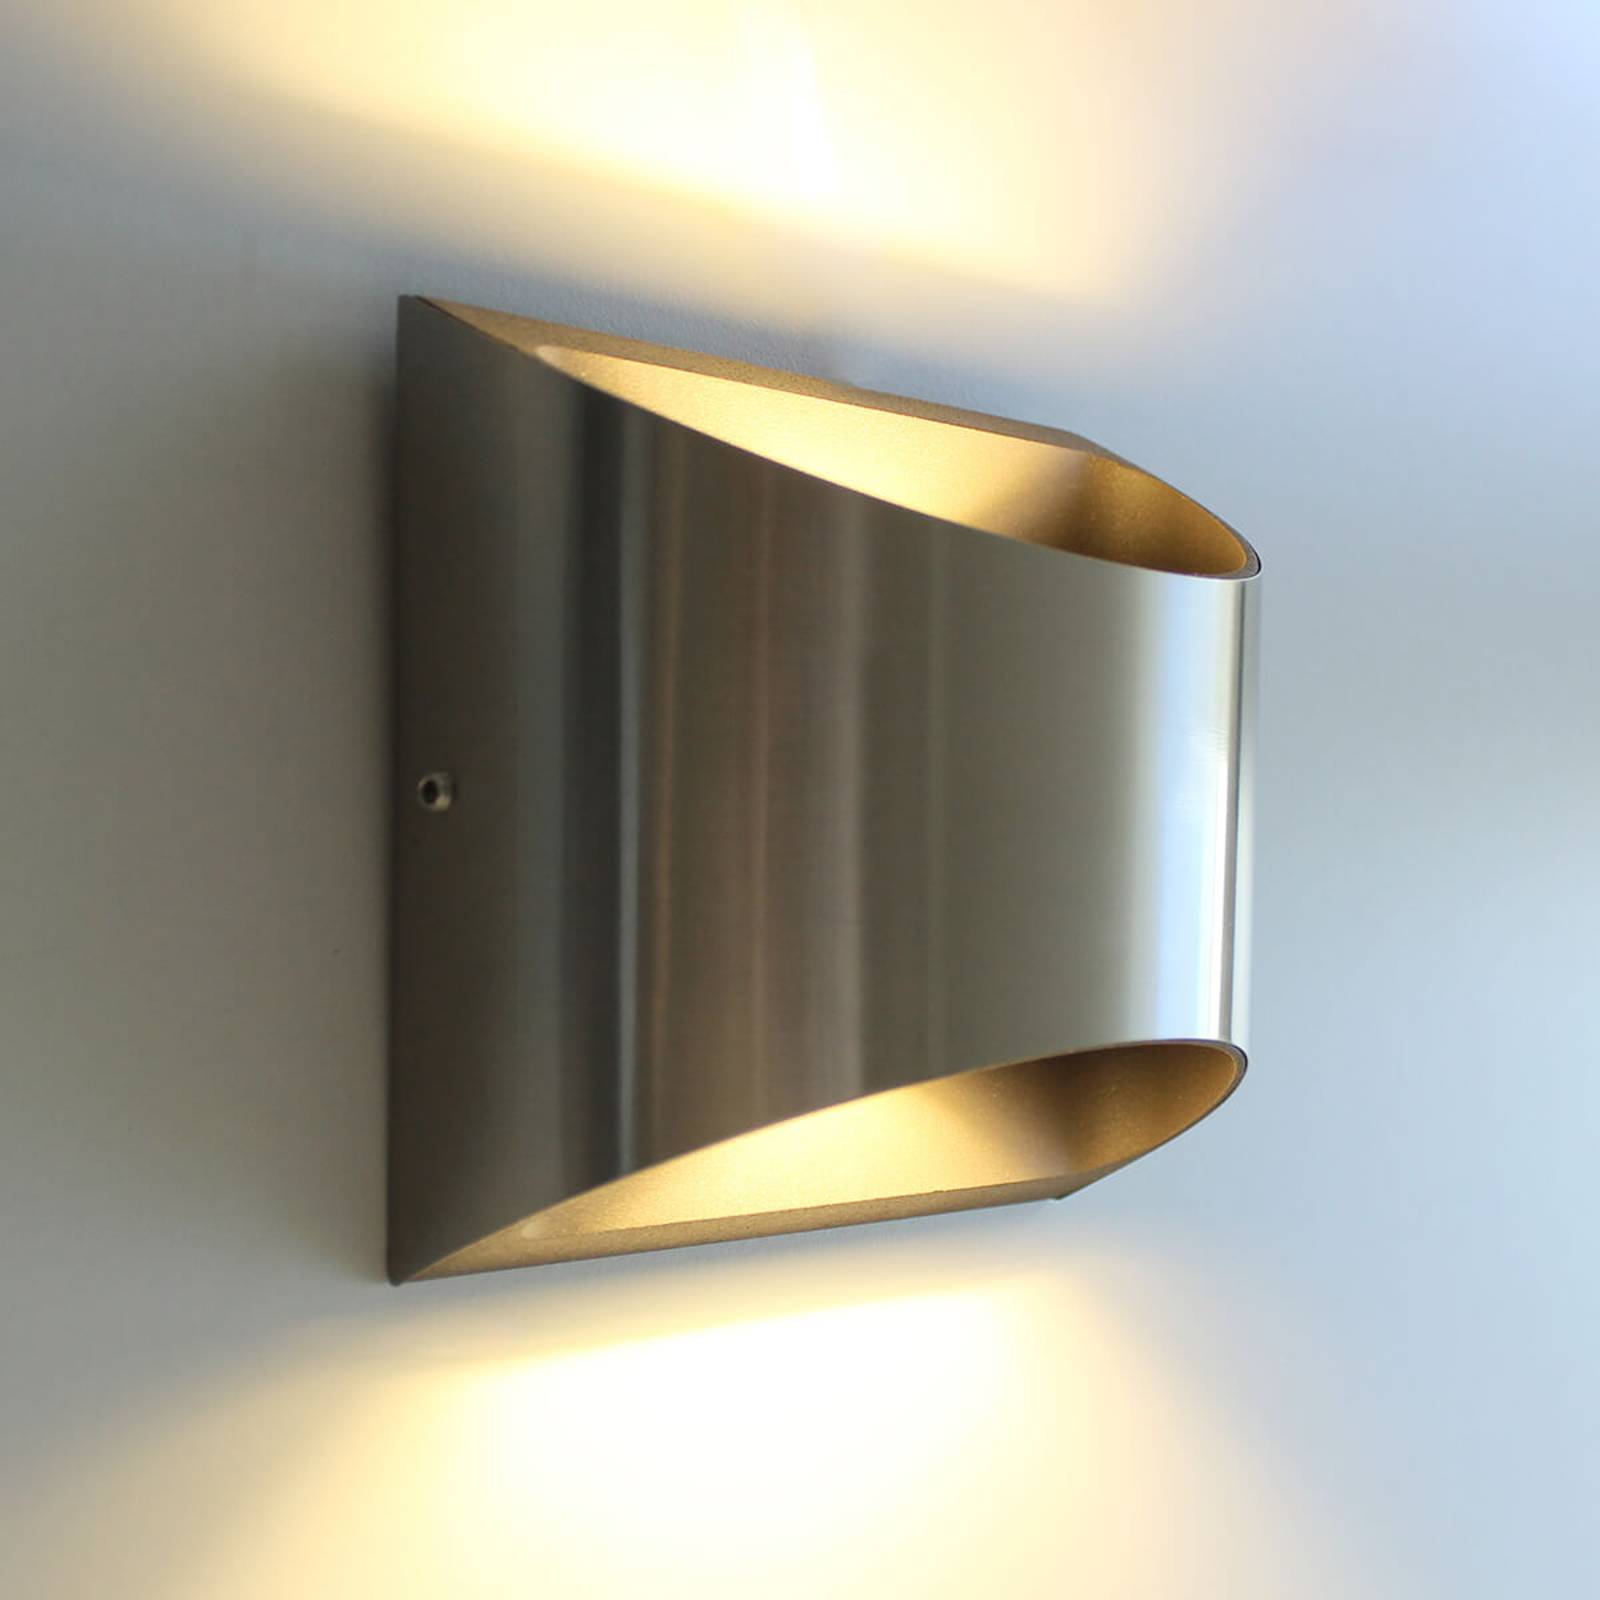 Dodd-LED-ulkoseinävalaisin, ruostumaton teräs